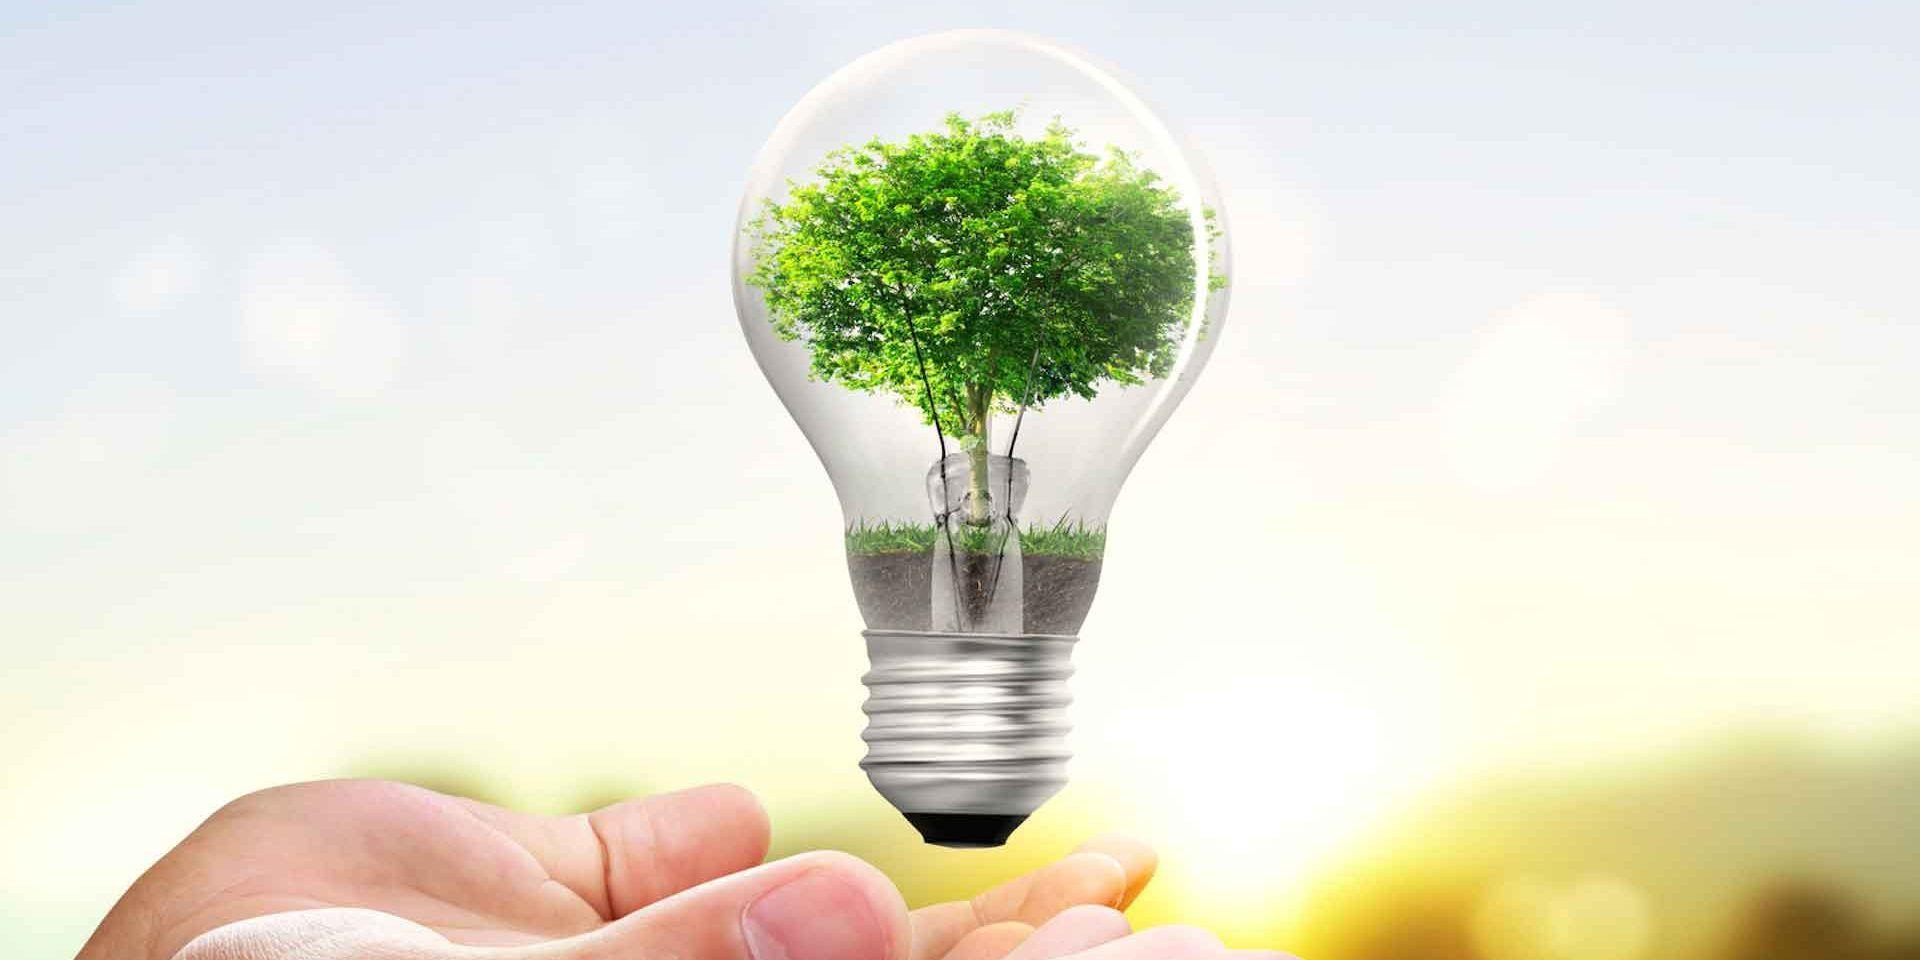 Ahorrar energia en casa ahorrar energia en casa with - Ahorrar en casa ...